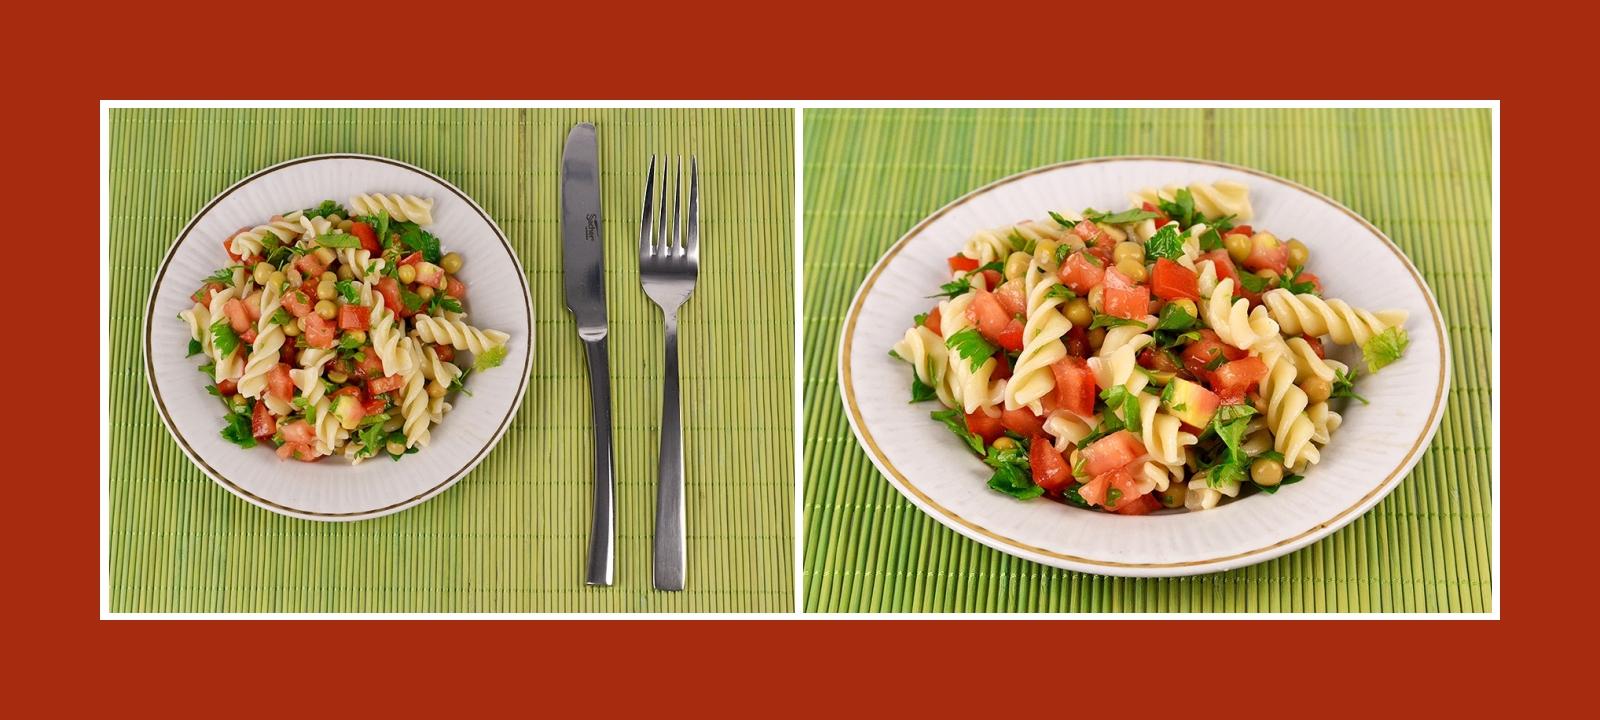 Leckerer Nudelsalat zum schnellen Zubereiten